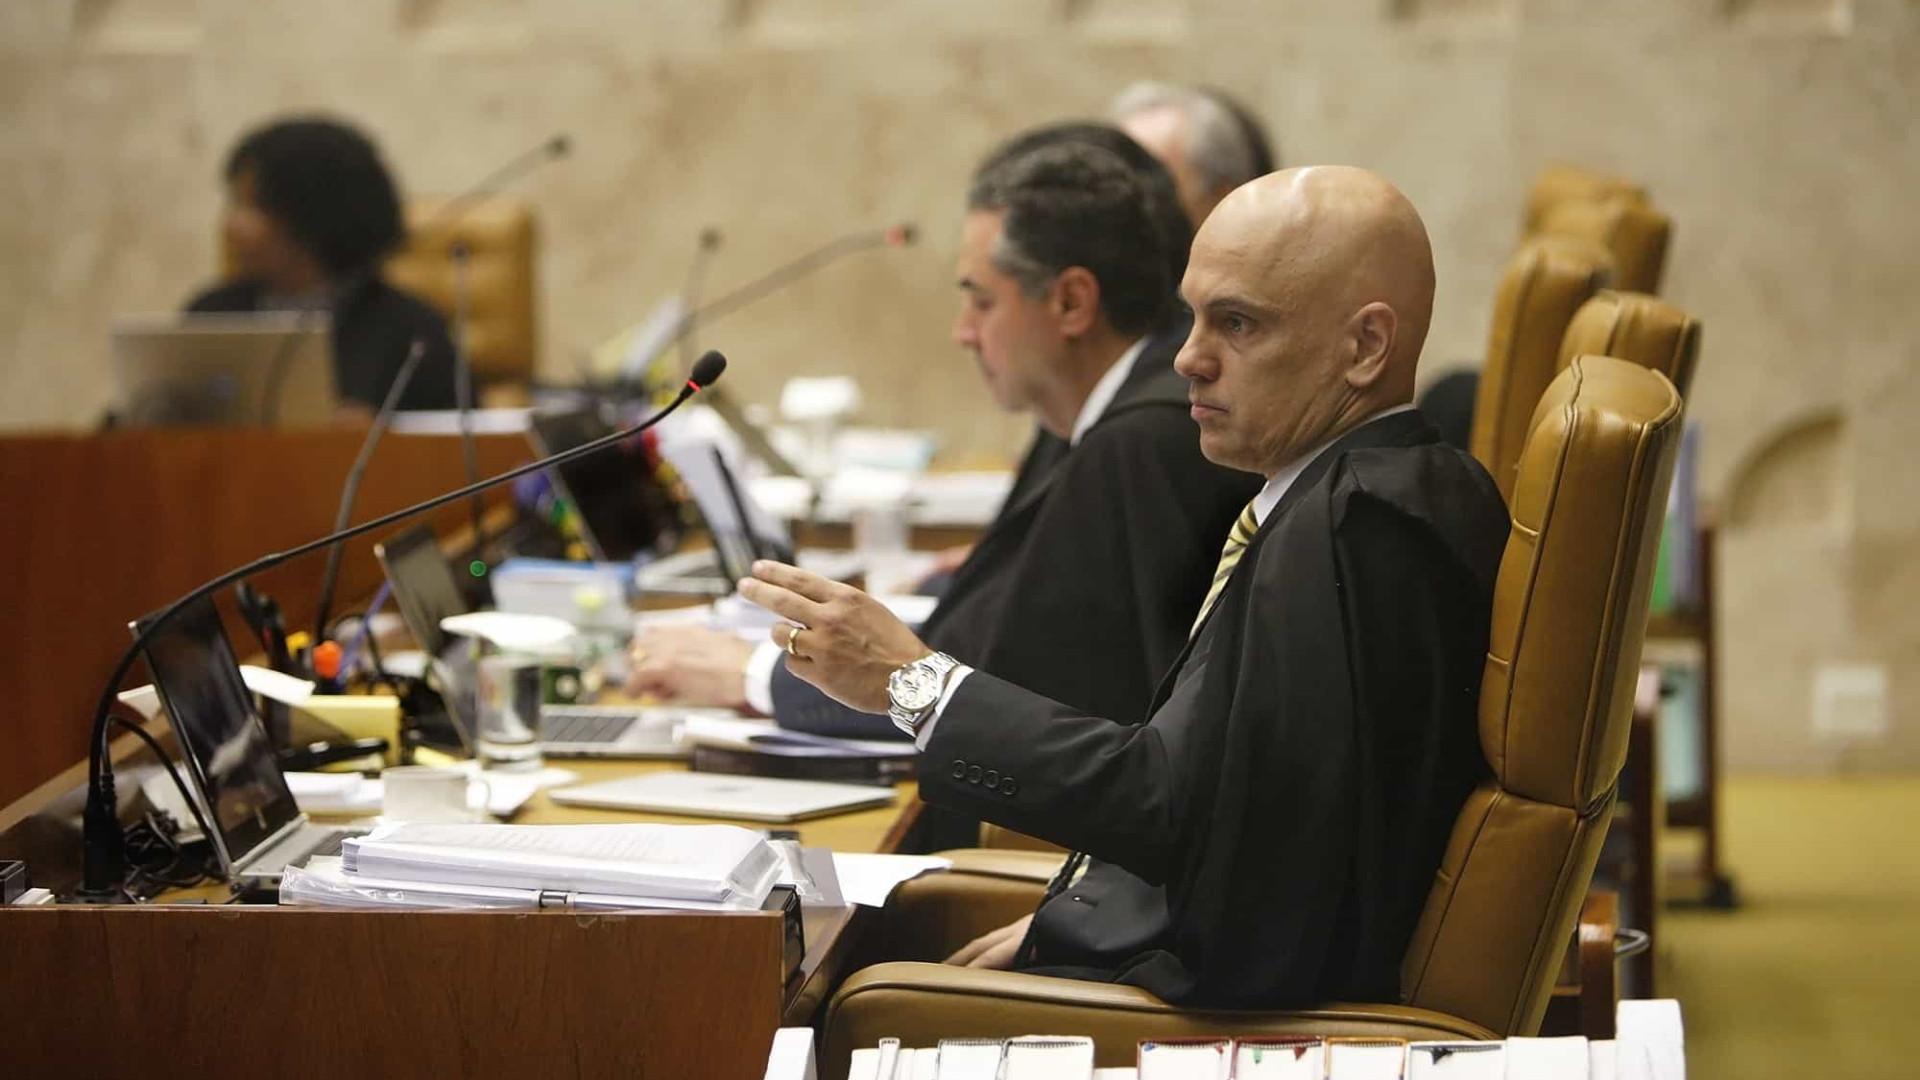 Casos criminais são maioria em plenário do STF